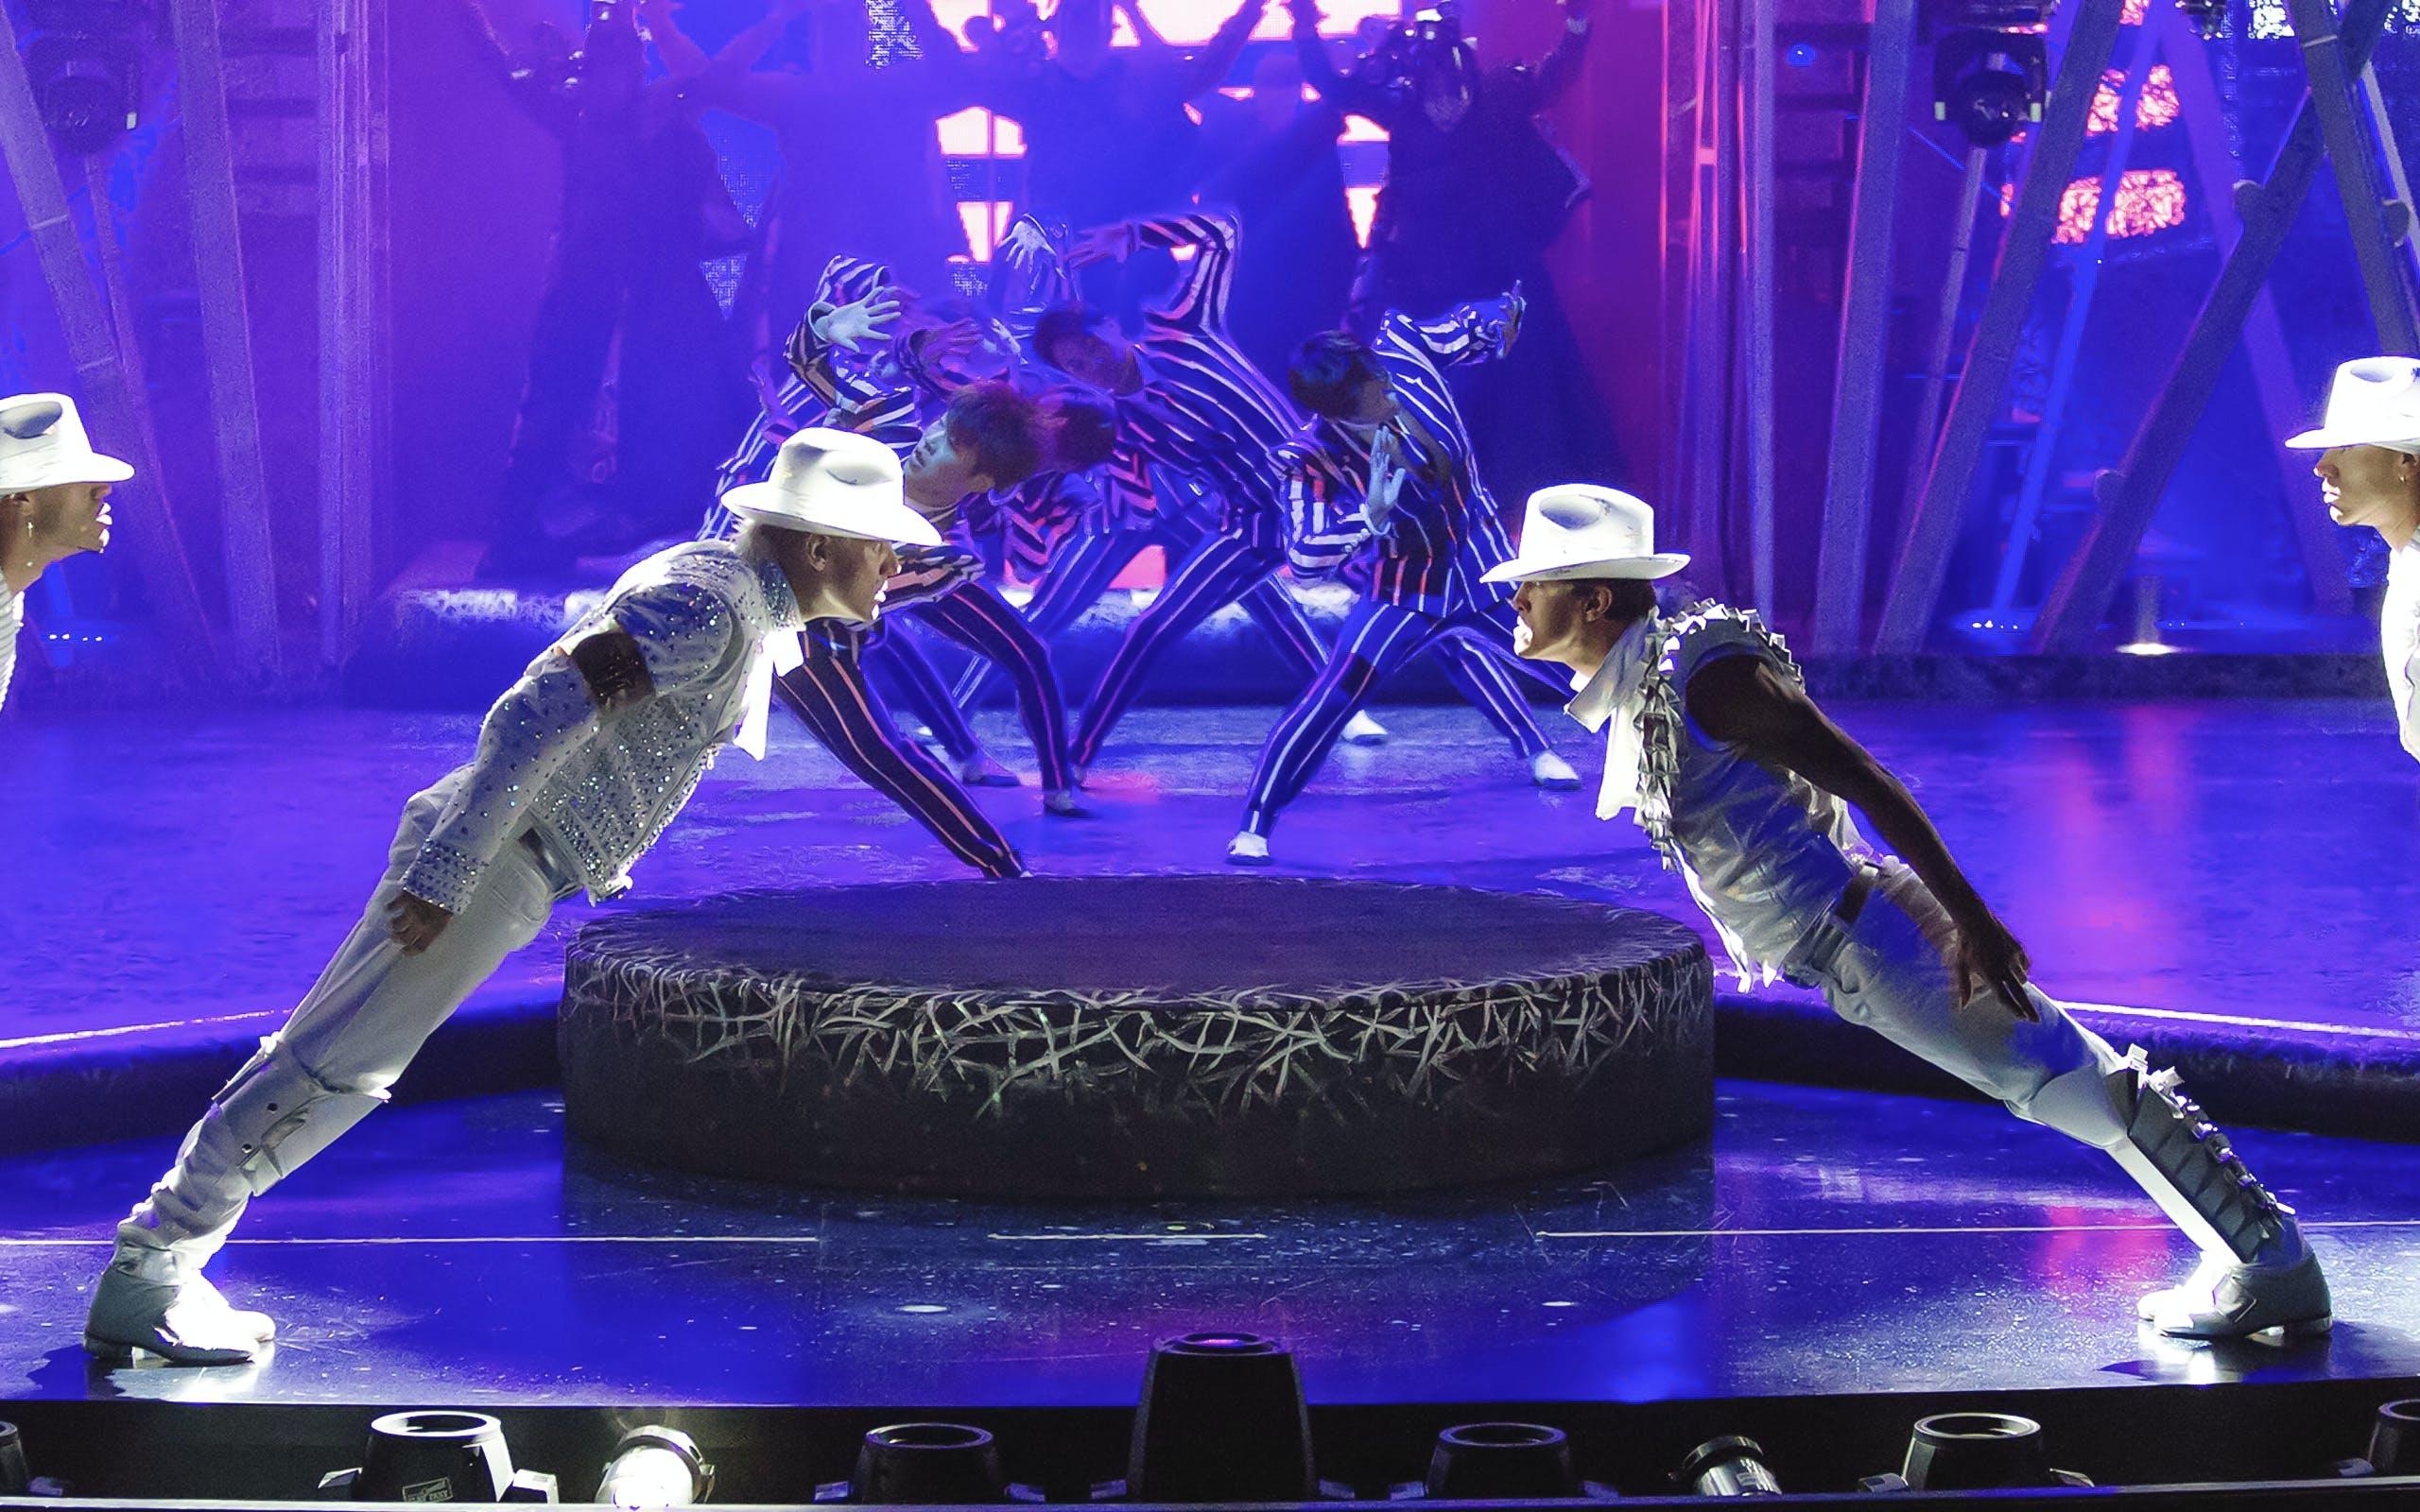 Best Vegas Shows - Michael Jackson